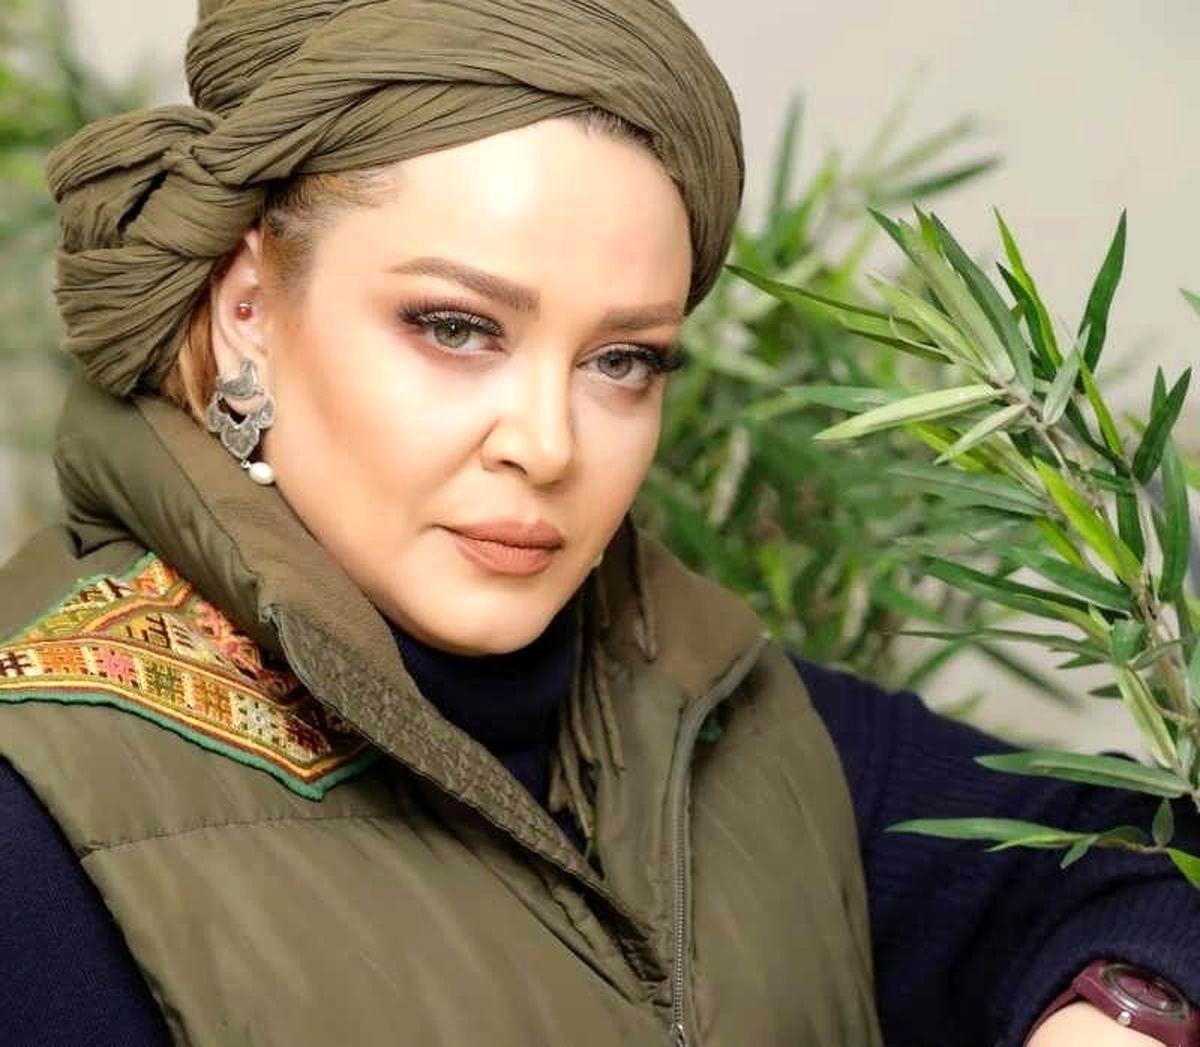 مراسم فوق لاکچری بازیگر زن پرحاشیه برای رونمایی از عطر شخصیاش+ فیلم